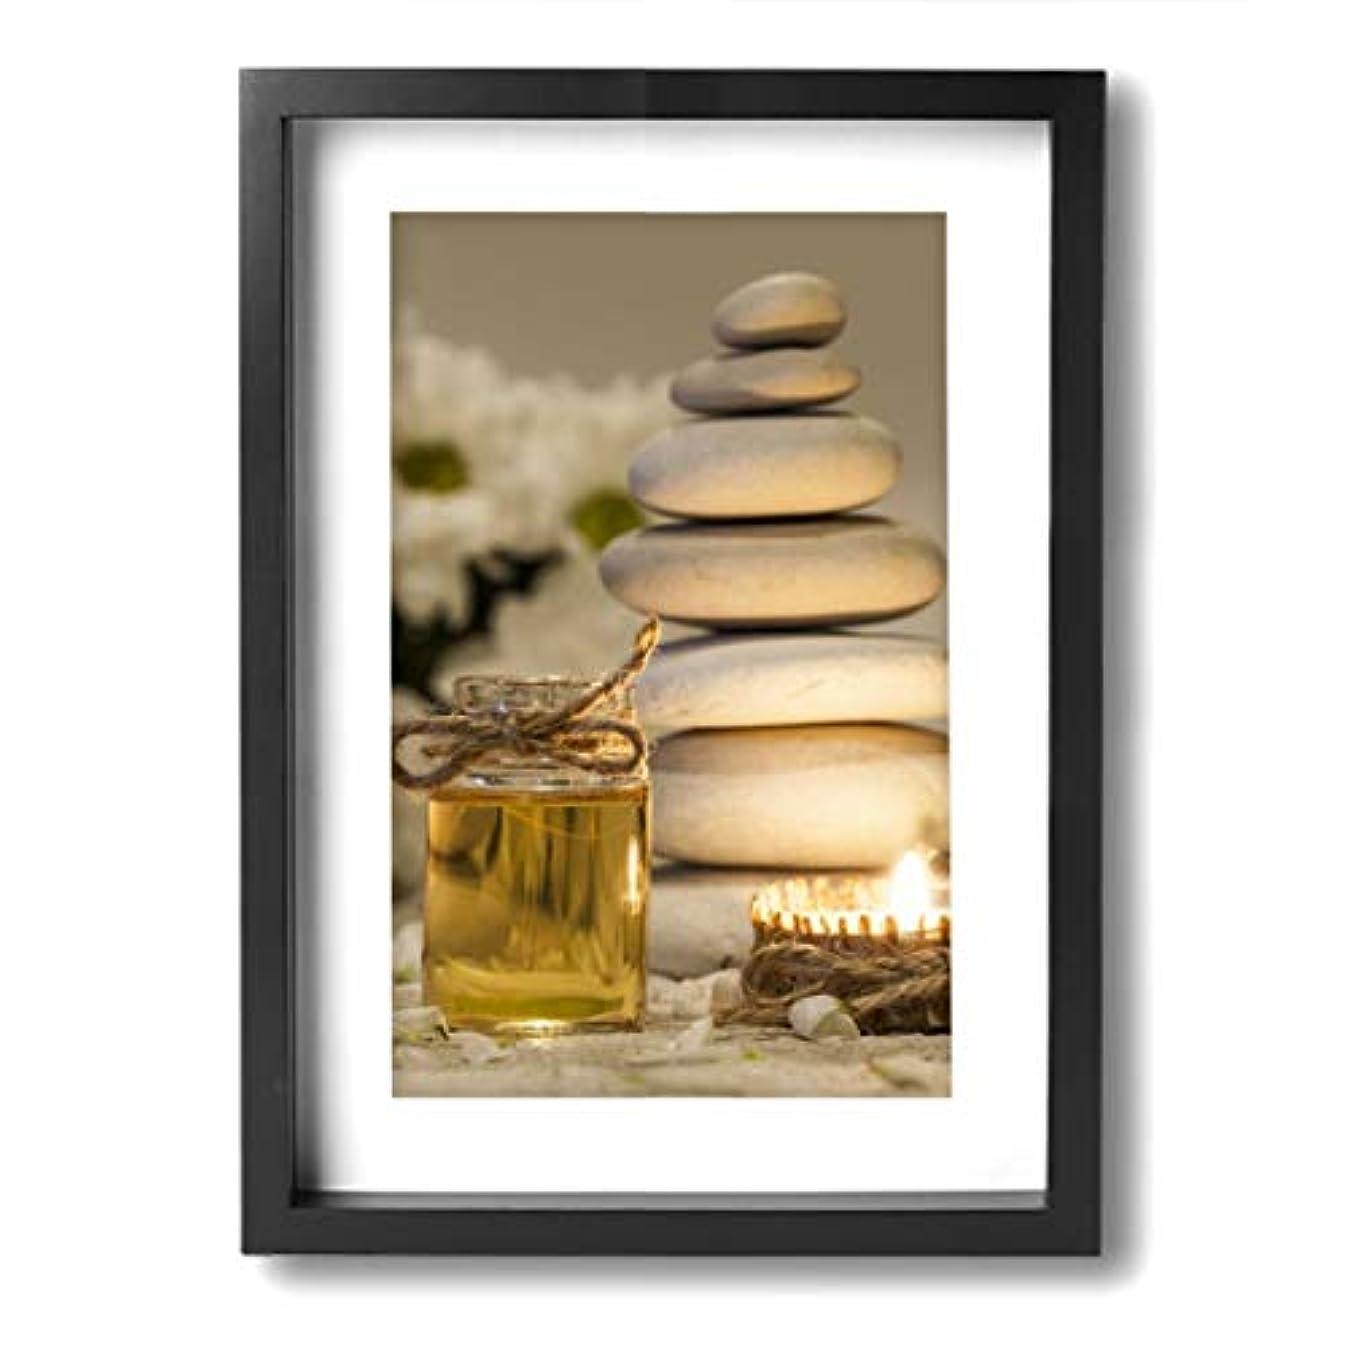 交響曲悔い改める編集者魅力的な芸術 20x30cm Chamomile Essential Oil Chamomile Flowers キャンバスの壁アート 画像プリント絵画リビングルームの壁の装飾と家の装飾のための現代アートワークハングする...